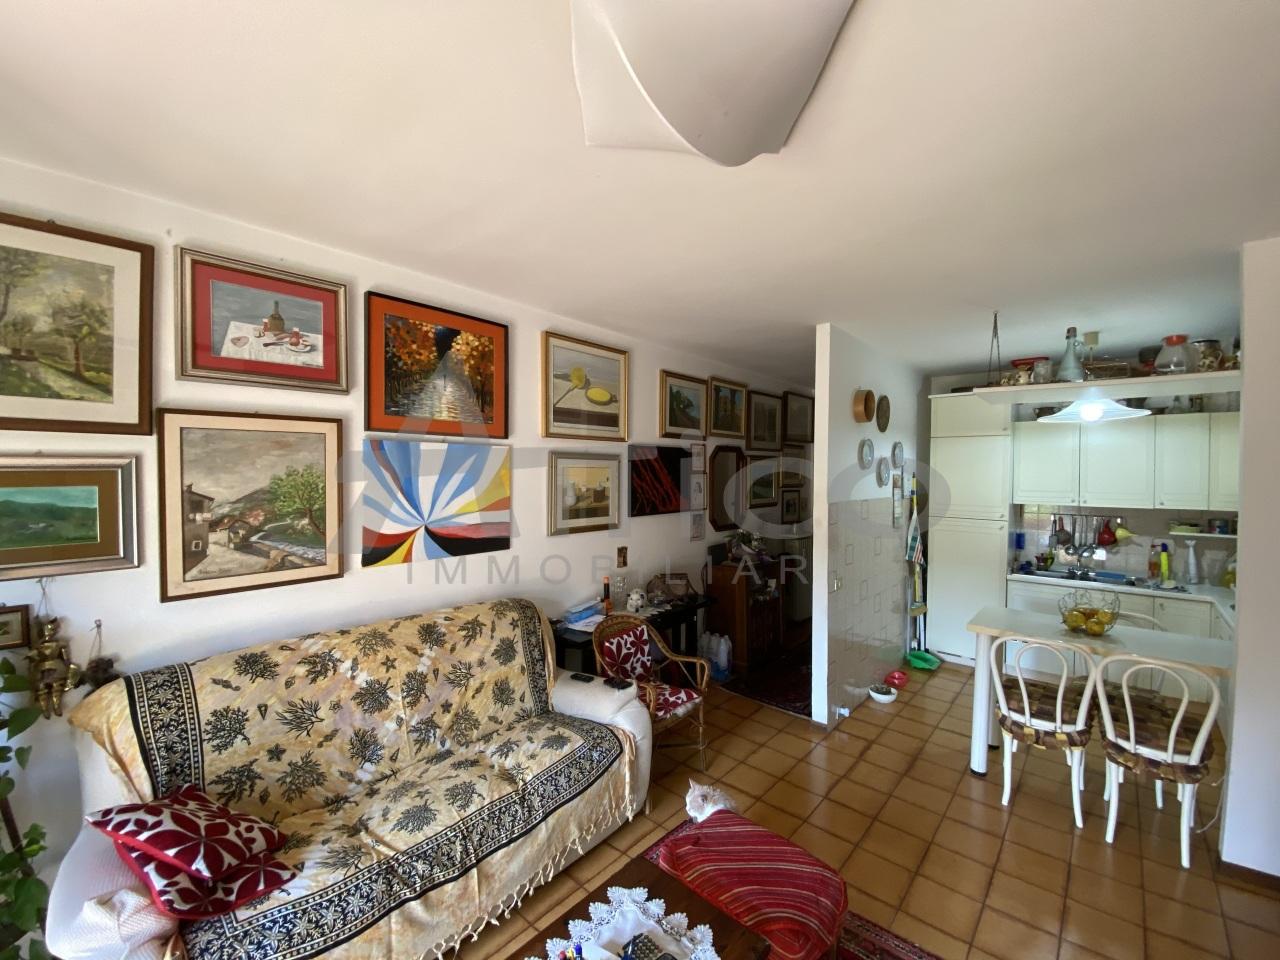 Appartamento in vendita a Polesella, 4 locali, prezzo € 41.000 | PortaleAgenzieImmobiliari.it